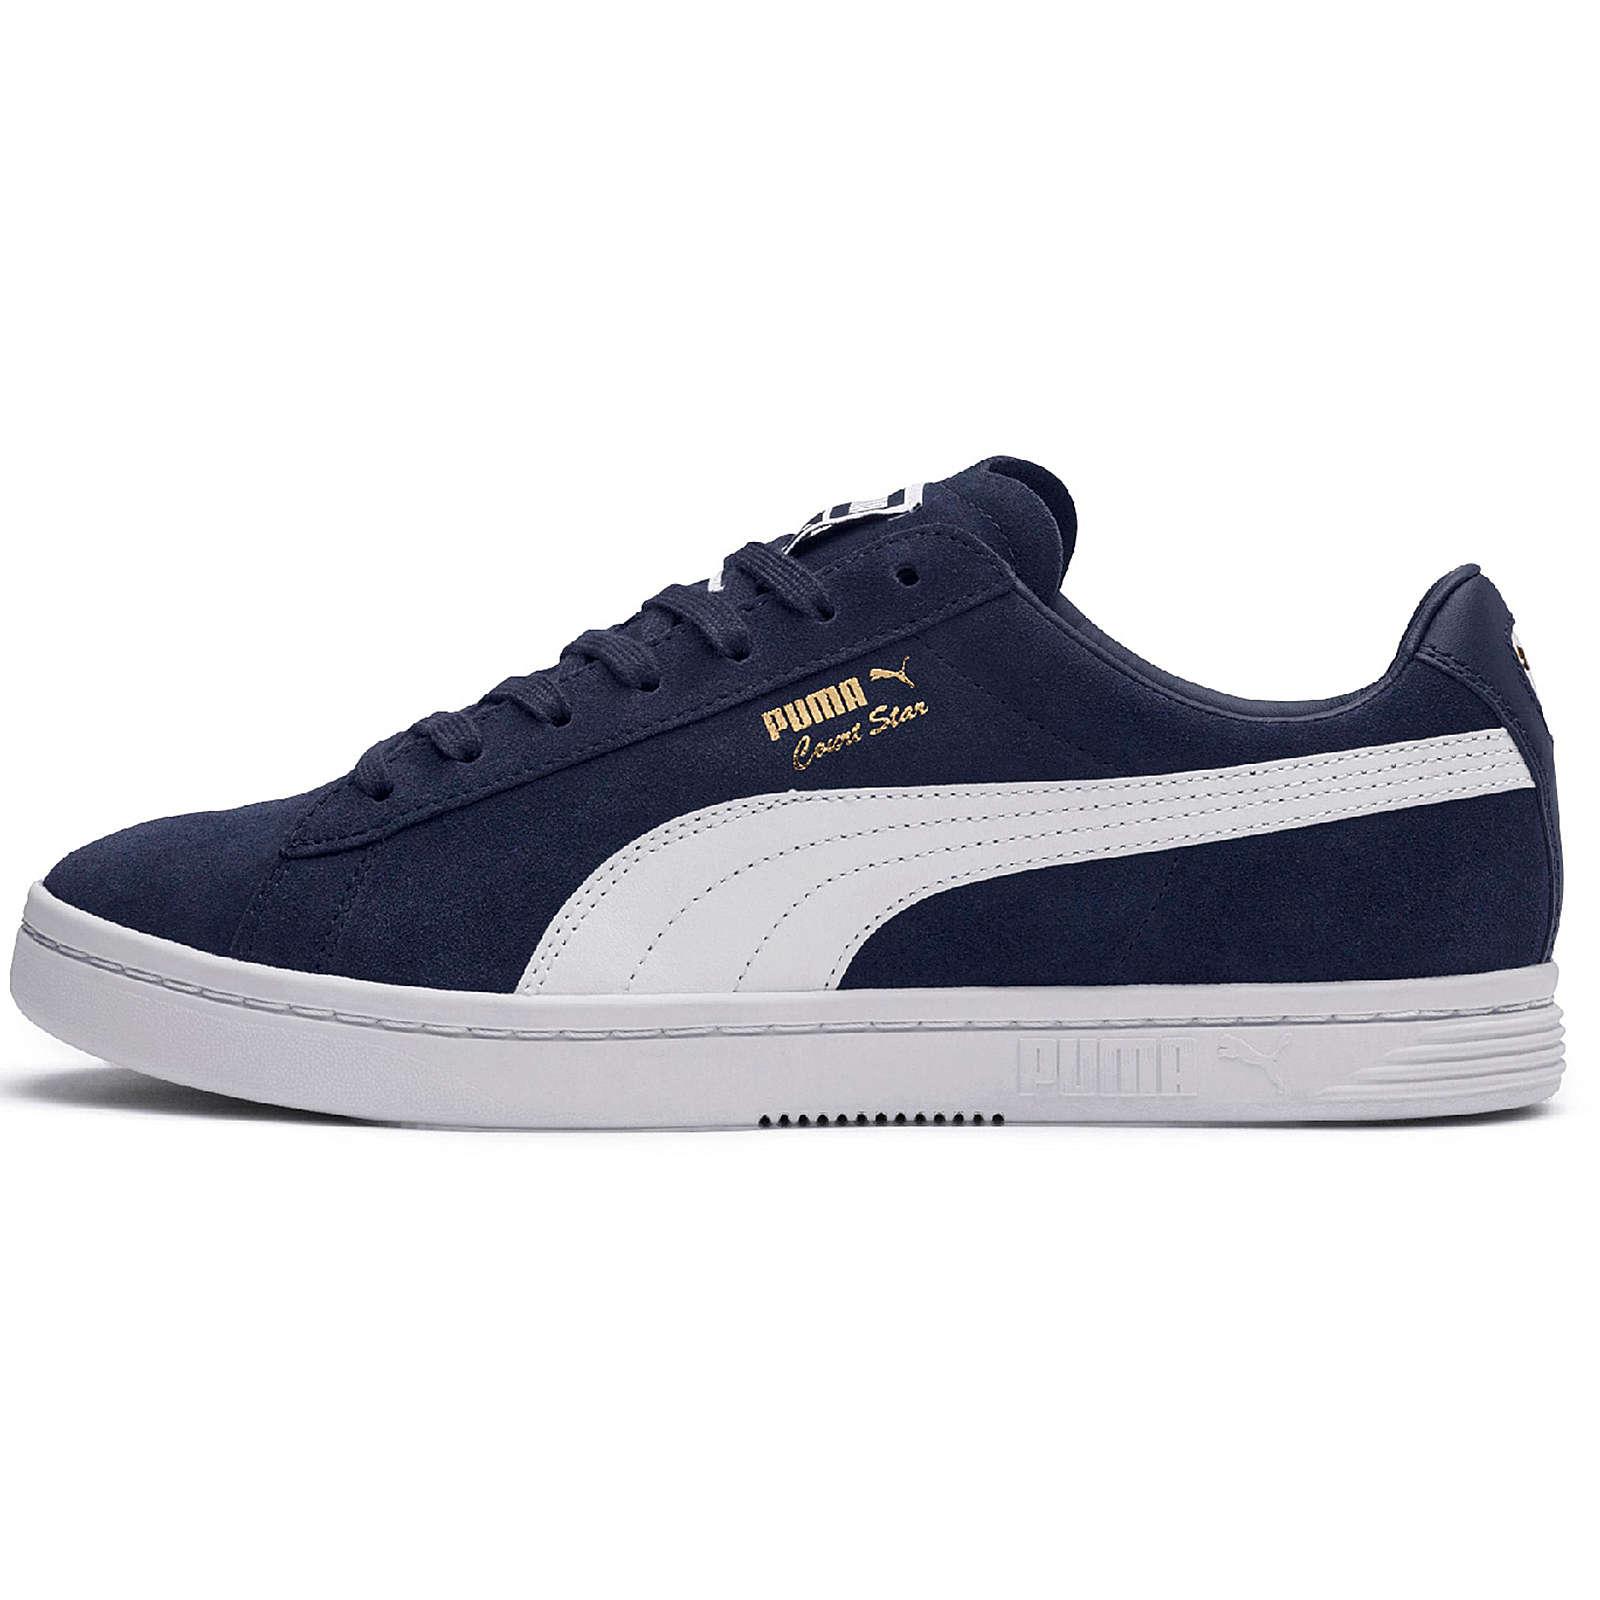 PUMA Sneaker Court Star FS Sneakers Low blau Herren Gr. 44